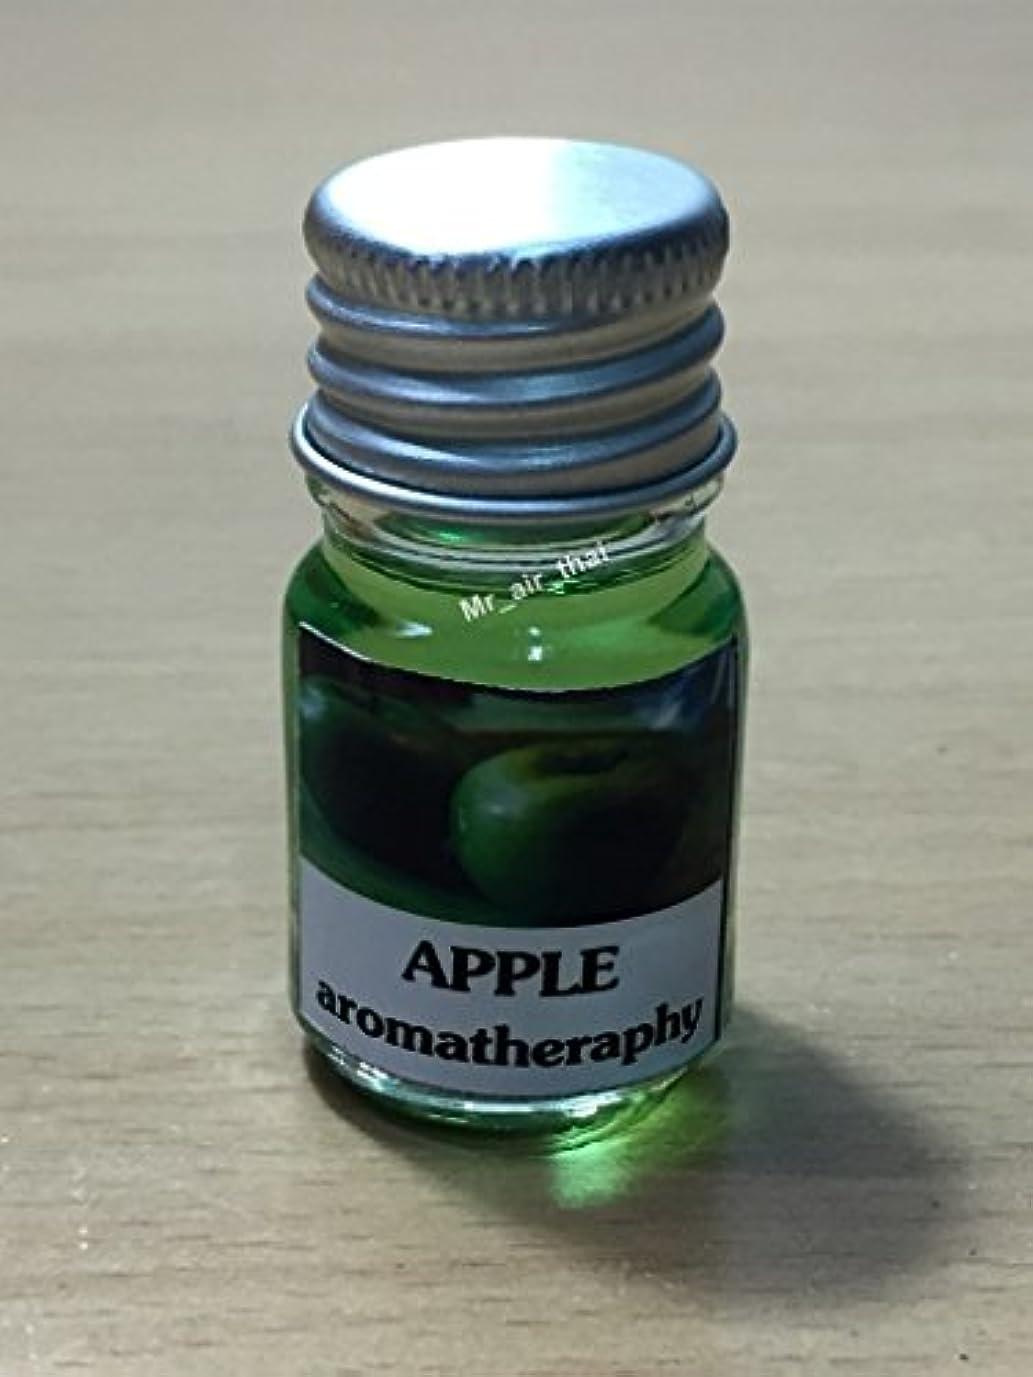 活性化する乏しい繊細5ミリリットルアロマアップル(グリーン)フランクインセンスエッセンシャルオイルボトルアロマテラピーオイル自然自然5ml Aroma Apple (Green) Frankincense Essential Oil Bottles...